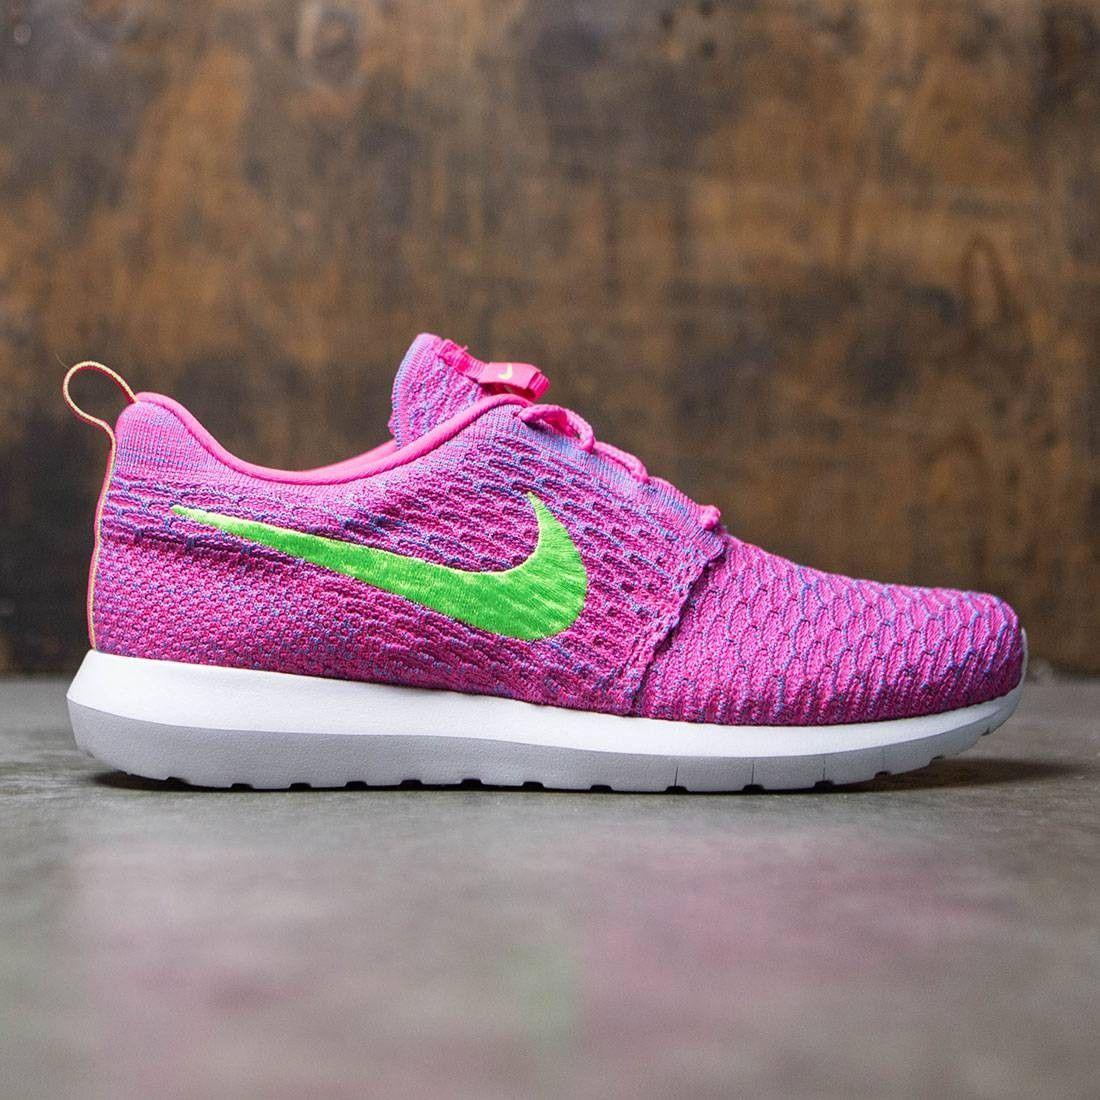 despierta Casco flojo  Nike Men Flyknit Roshe Run (pink / blue / neon) | Pink nike shoes, Nike  men, Nike